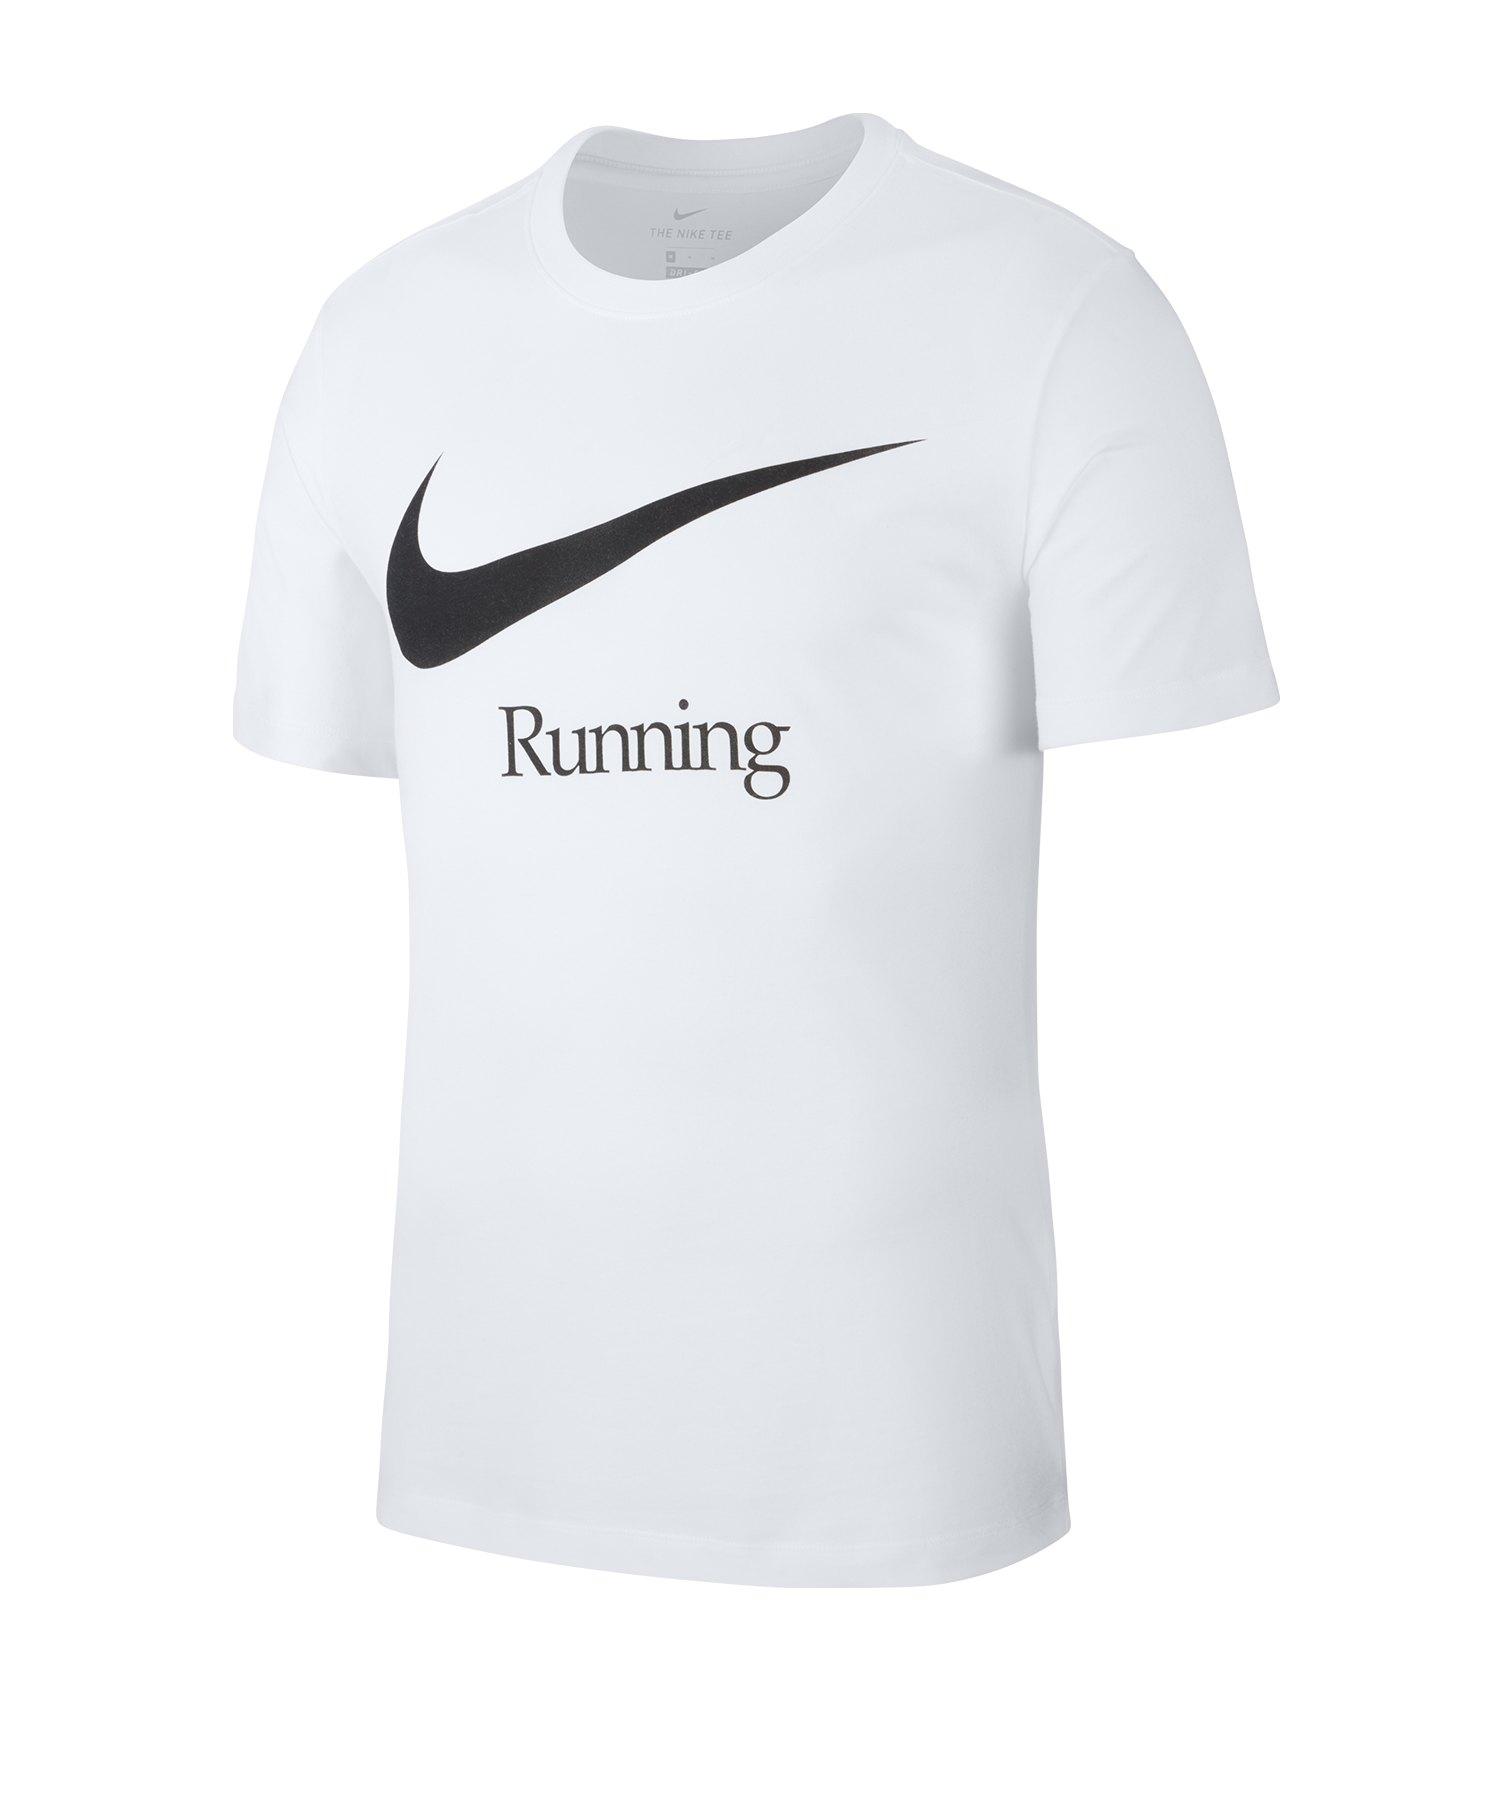 Nike Dri-FIT Running Tee T-Shirt Weiss F100 - weiss